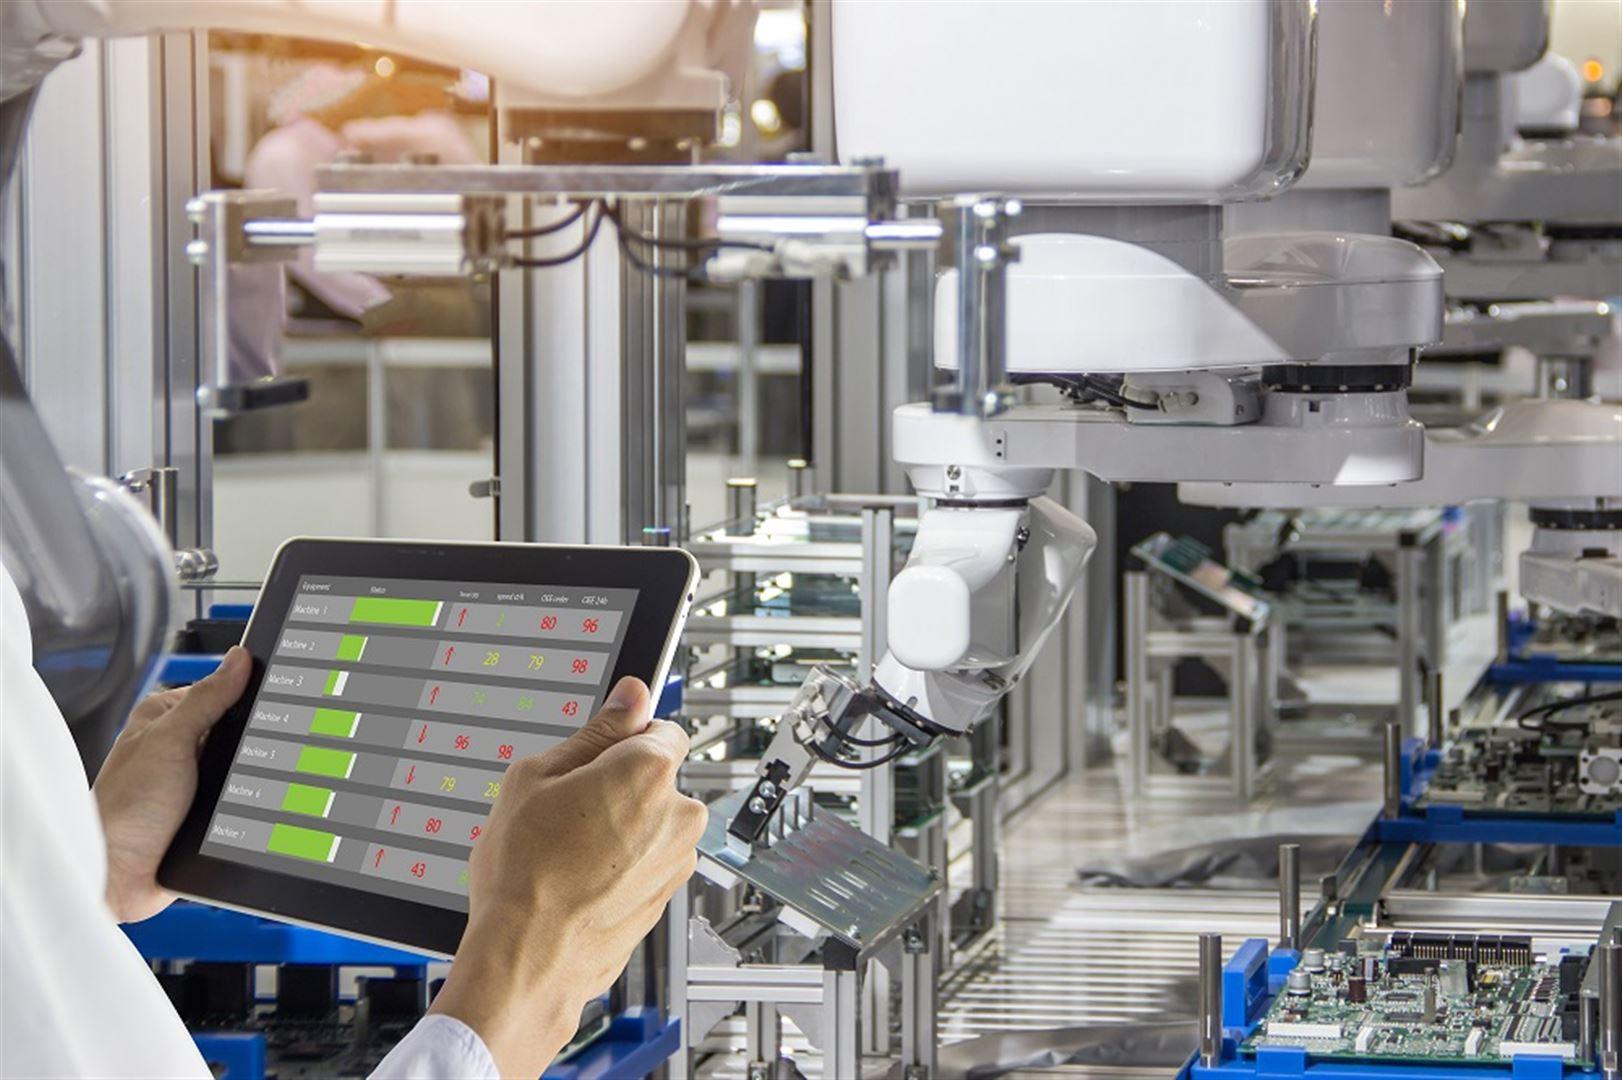 Zuverlässige Produktionsinstandhaltung - Smart Condition Monitoring